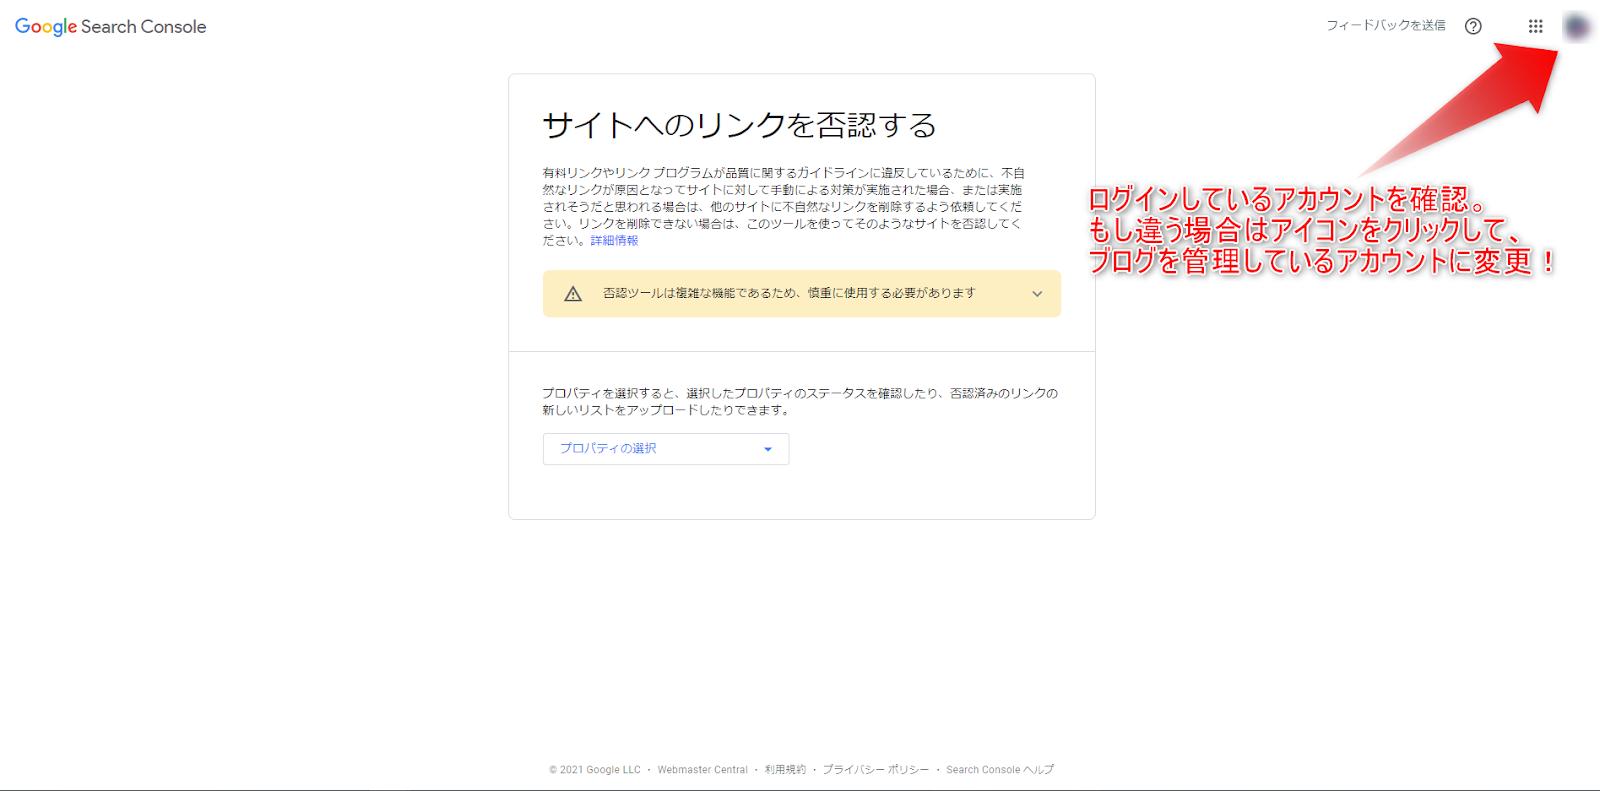 アイコンクリックのイメージ